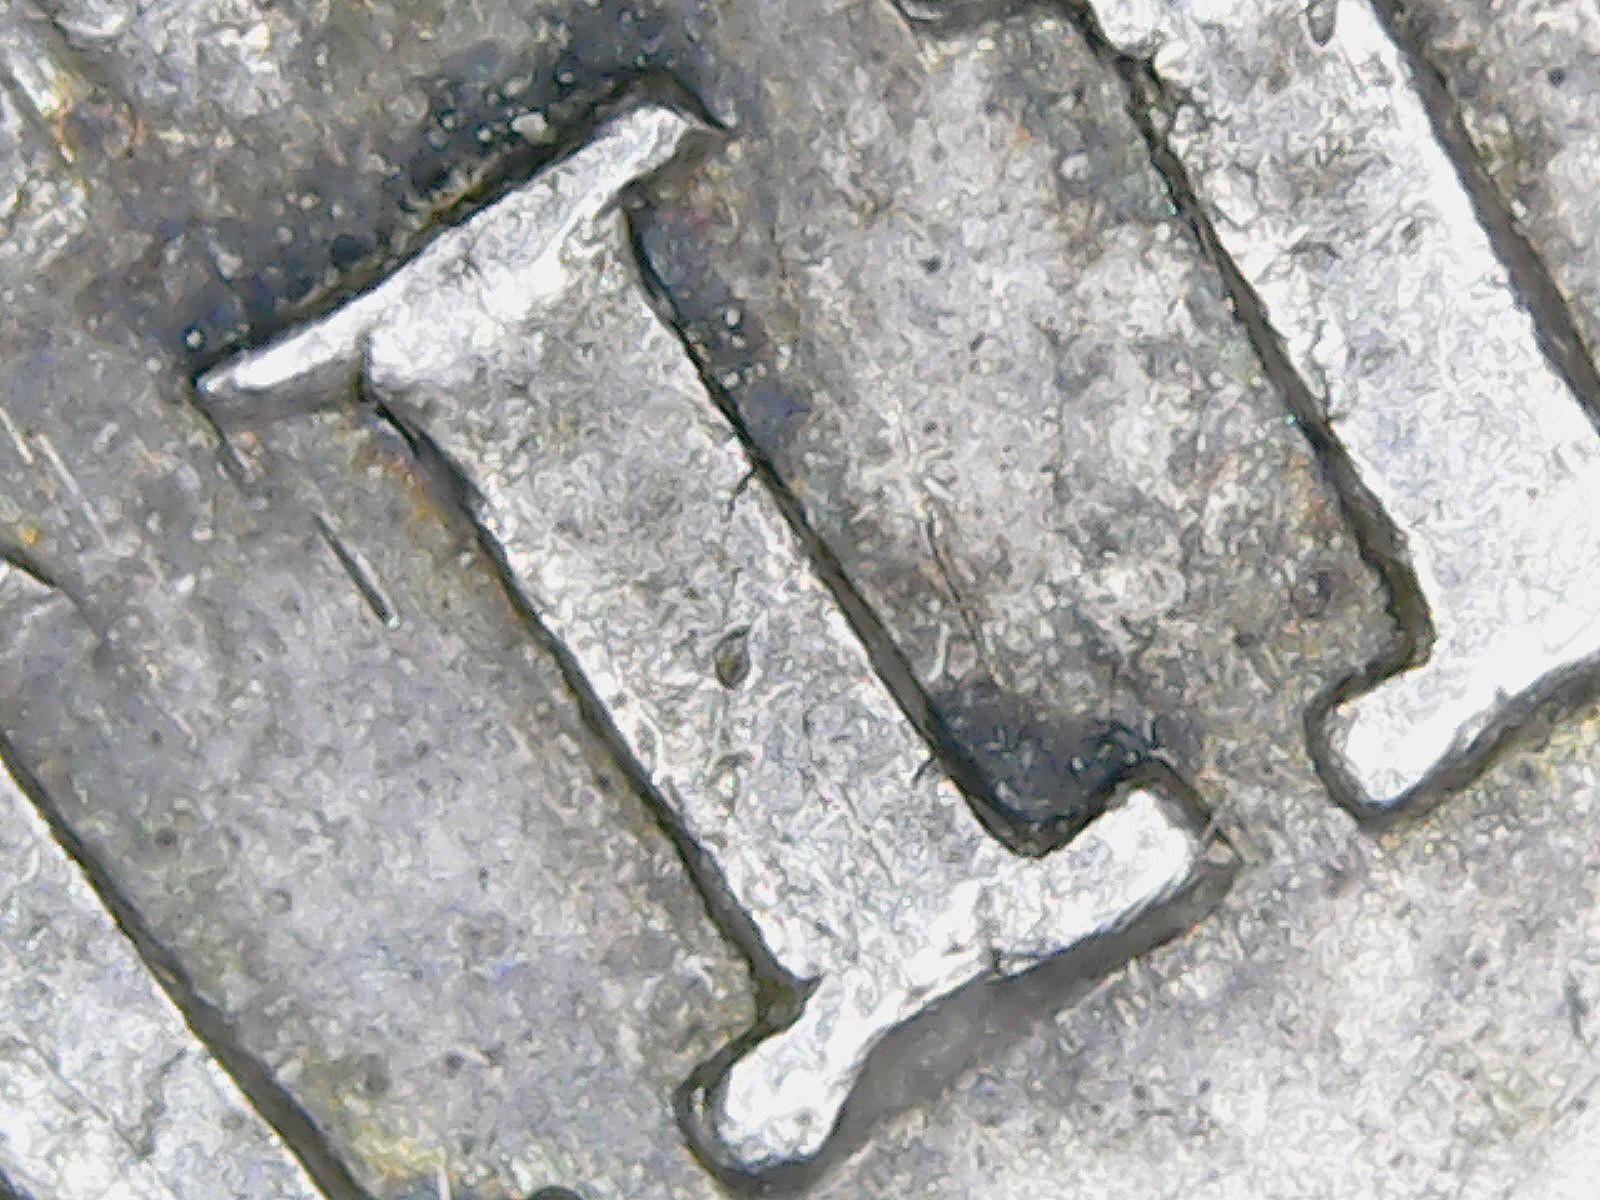 Resultados de un microscopio USB: detalles de las monedas  2kfub4